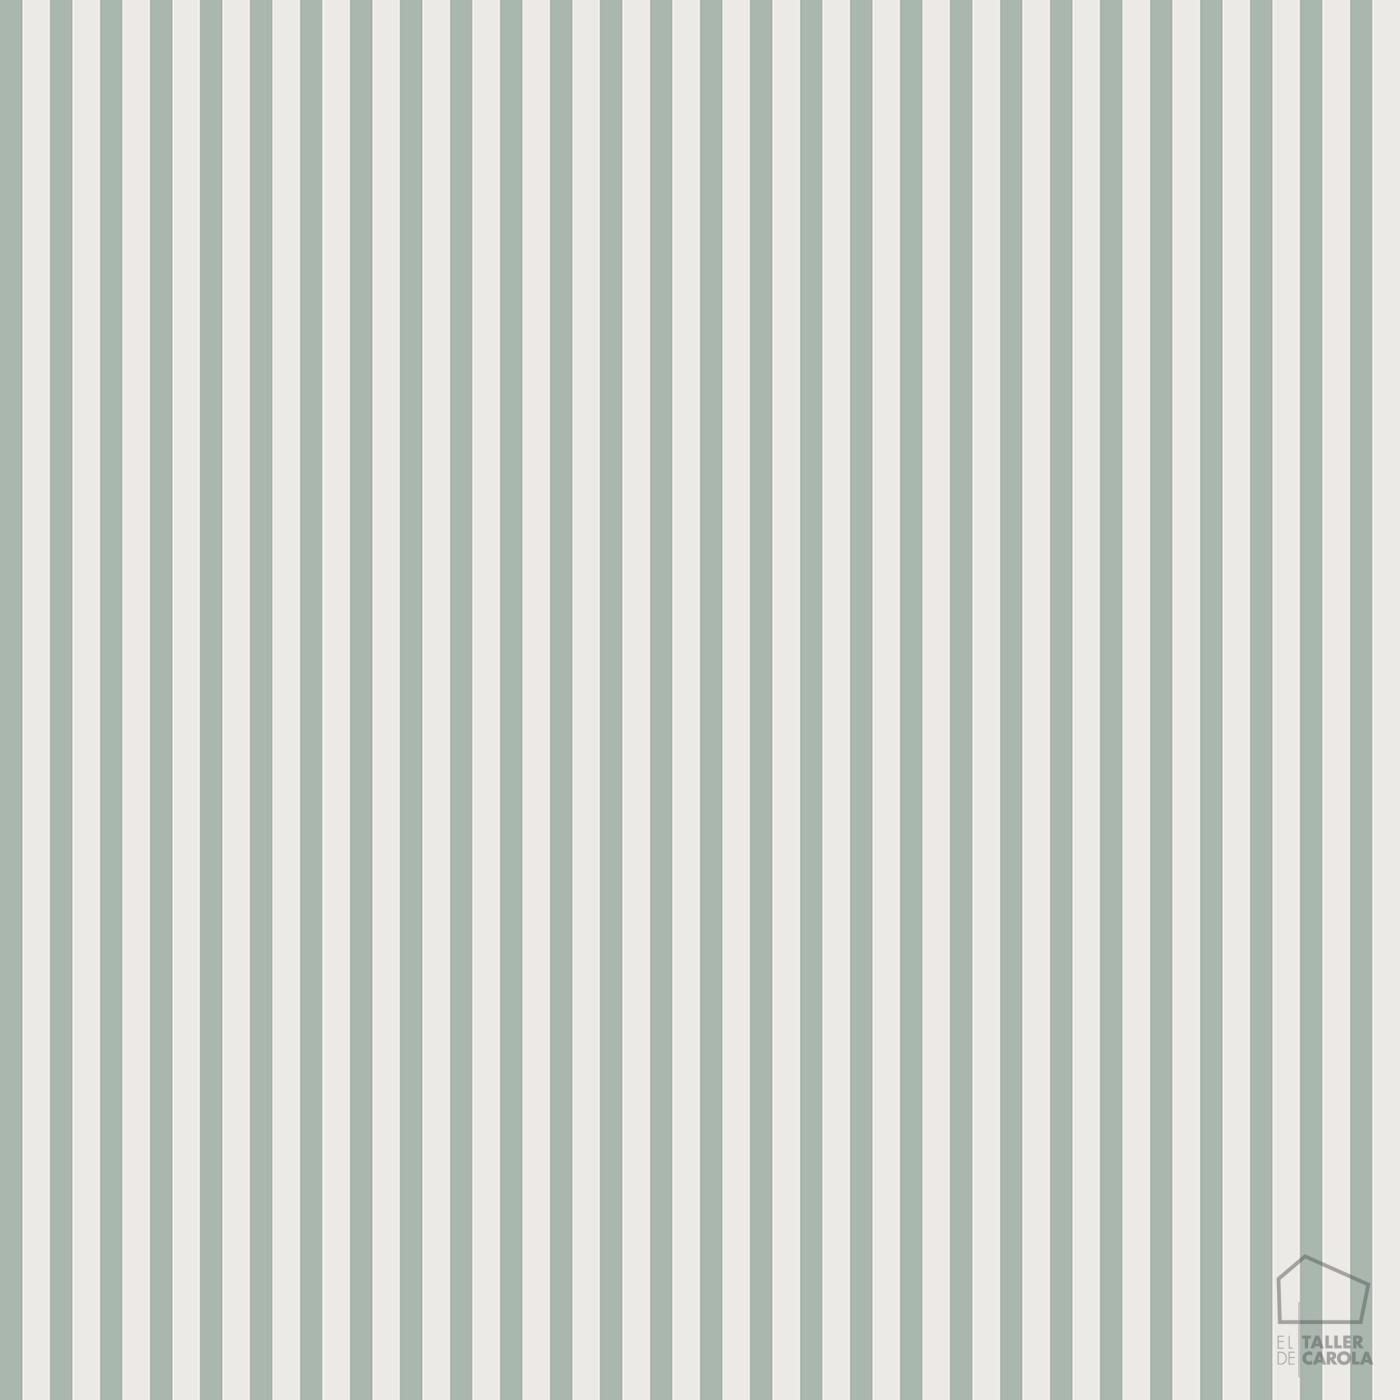 059fam2-est826-37-papel-pintado-rayitas-azul-claro